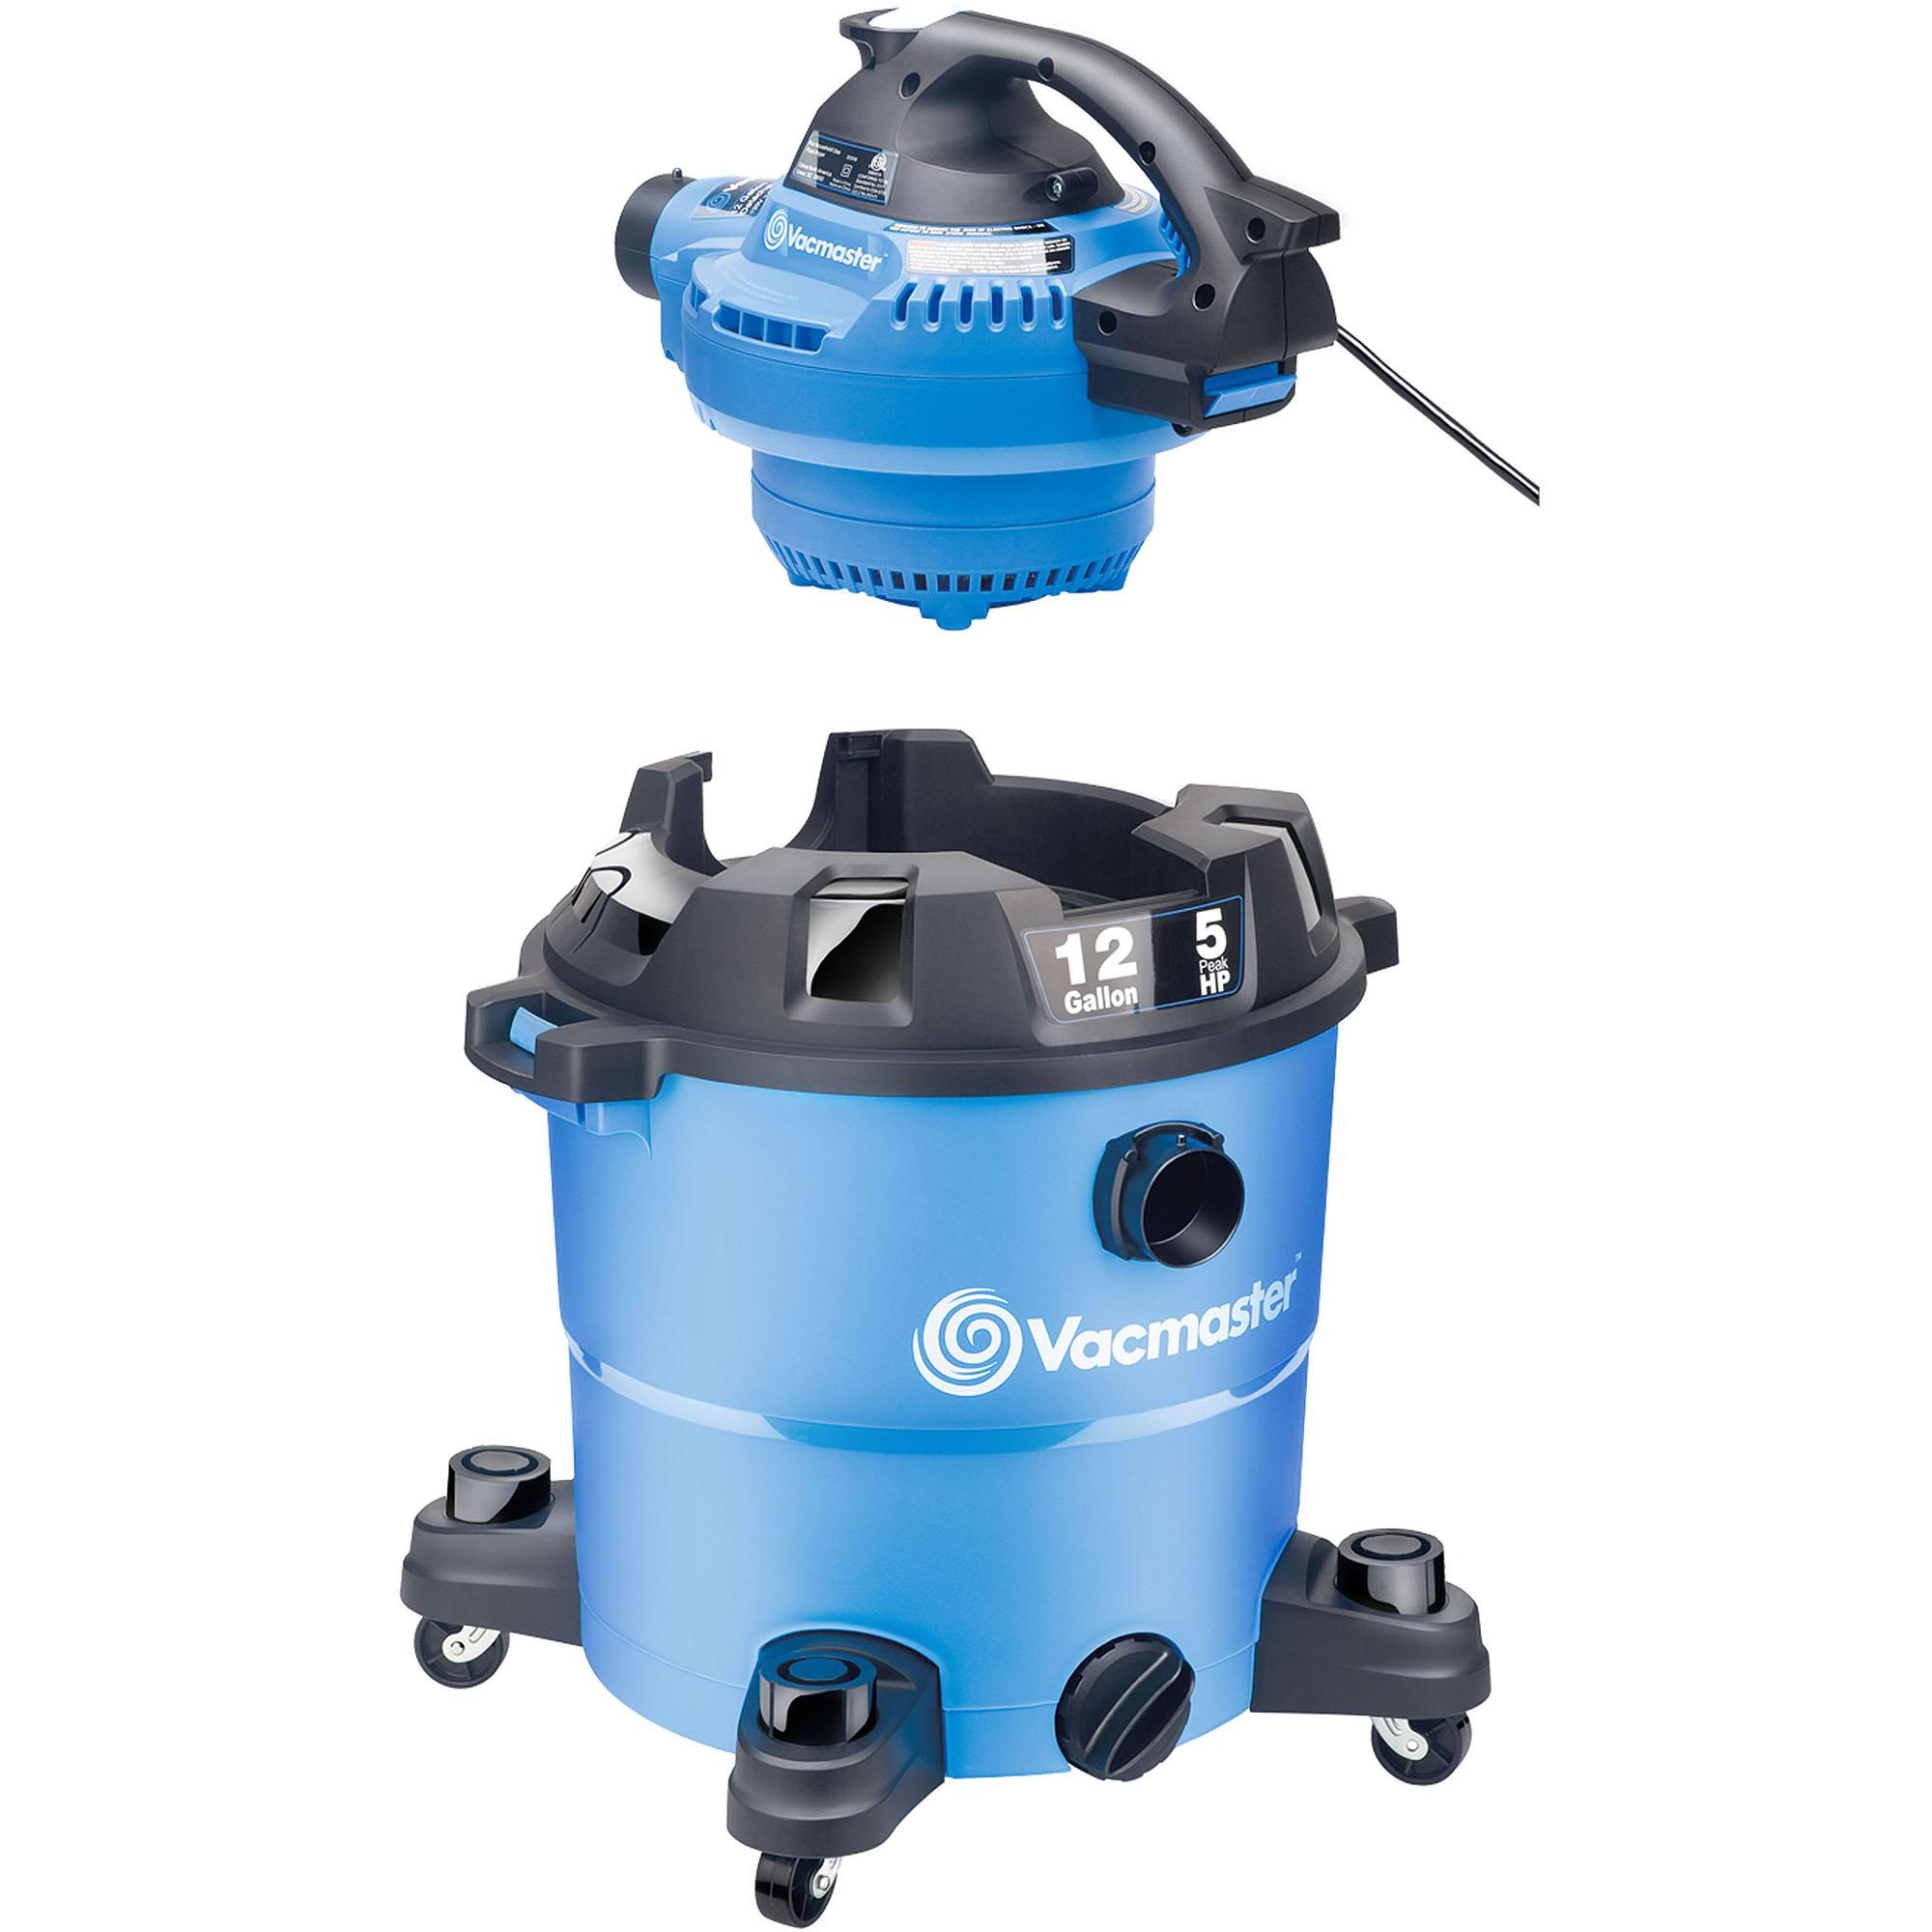 Vacmaster 12 gal Wet/Dry Vacuum